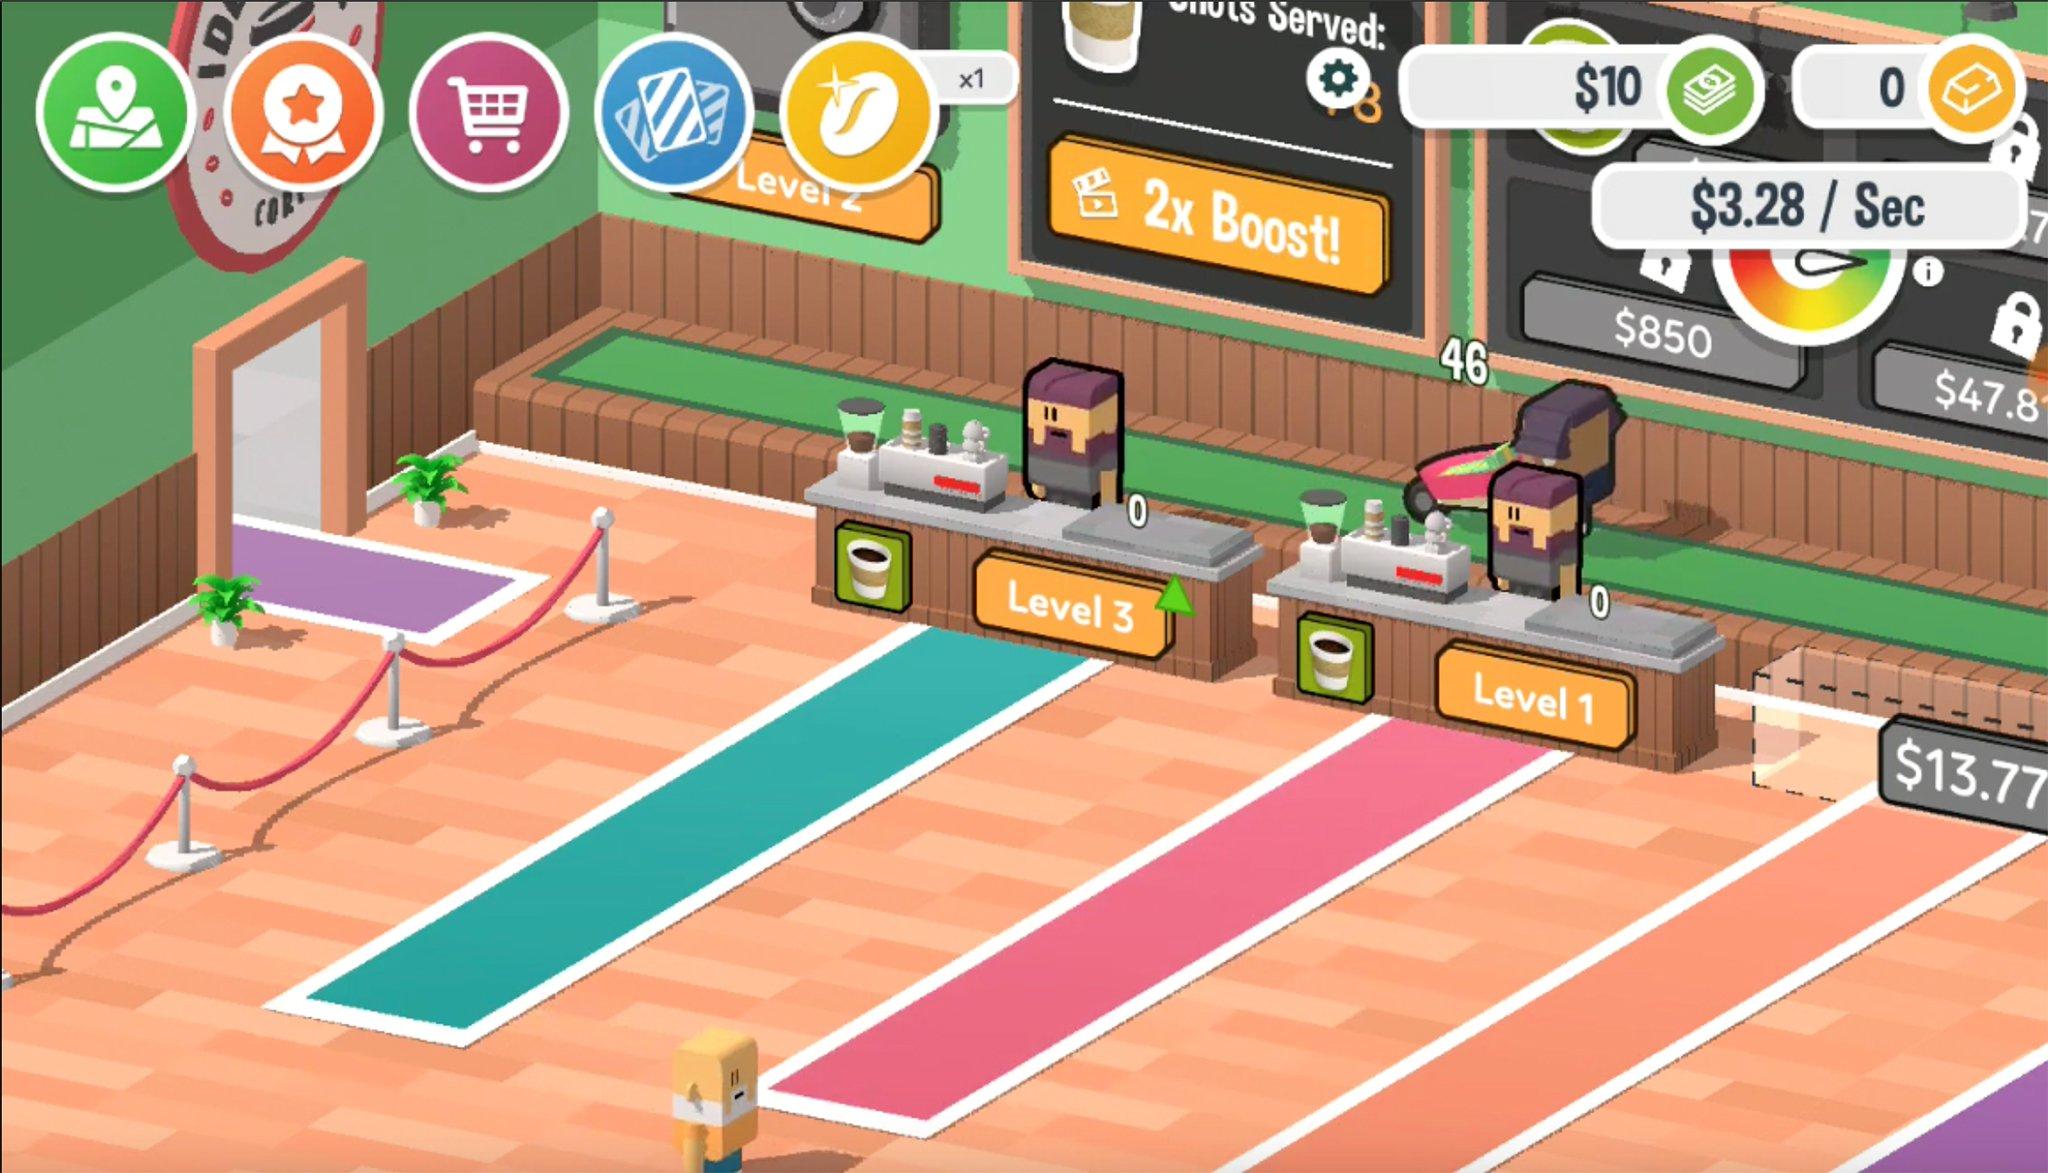 Tong_hop_game_mobile_thang_5_8.jpg